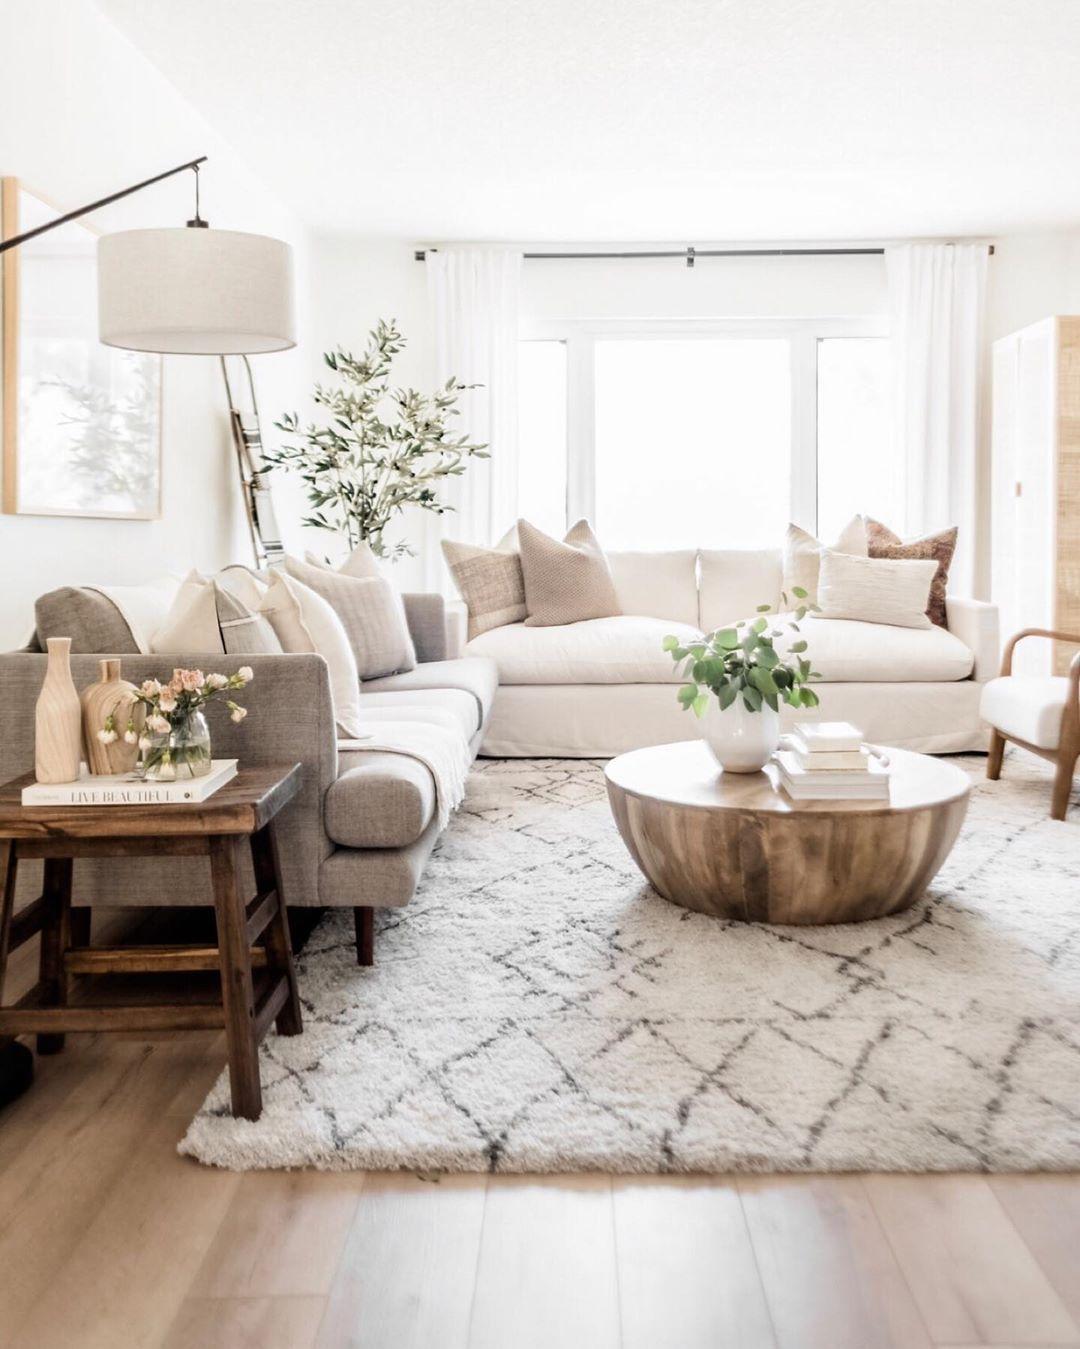 Garden Design Layout Rectangle Leaving Facebook Wohnung Wohnzimmer Wohnzimmer Ideen Wohnung Wohnung Einrichten